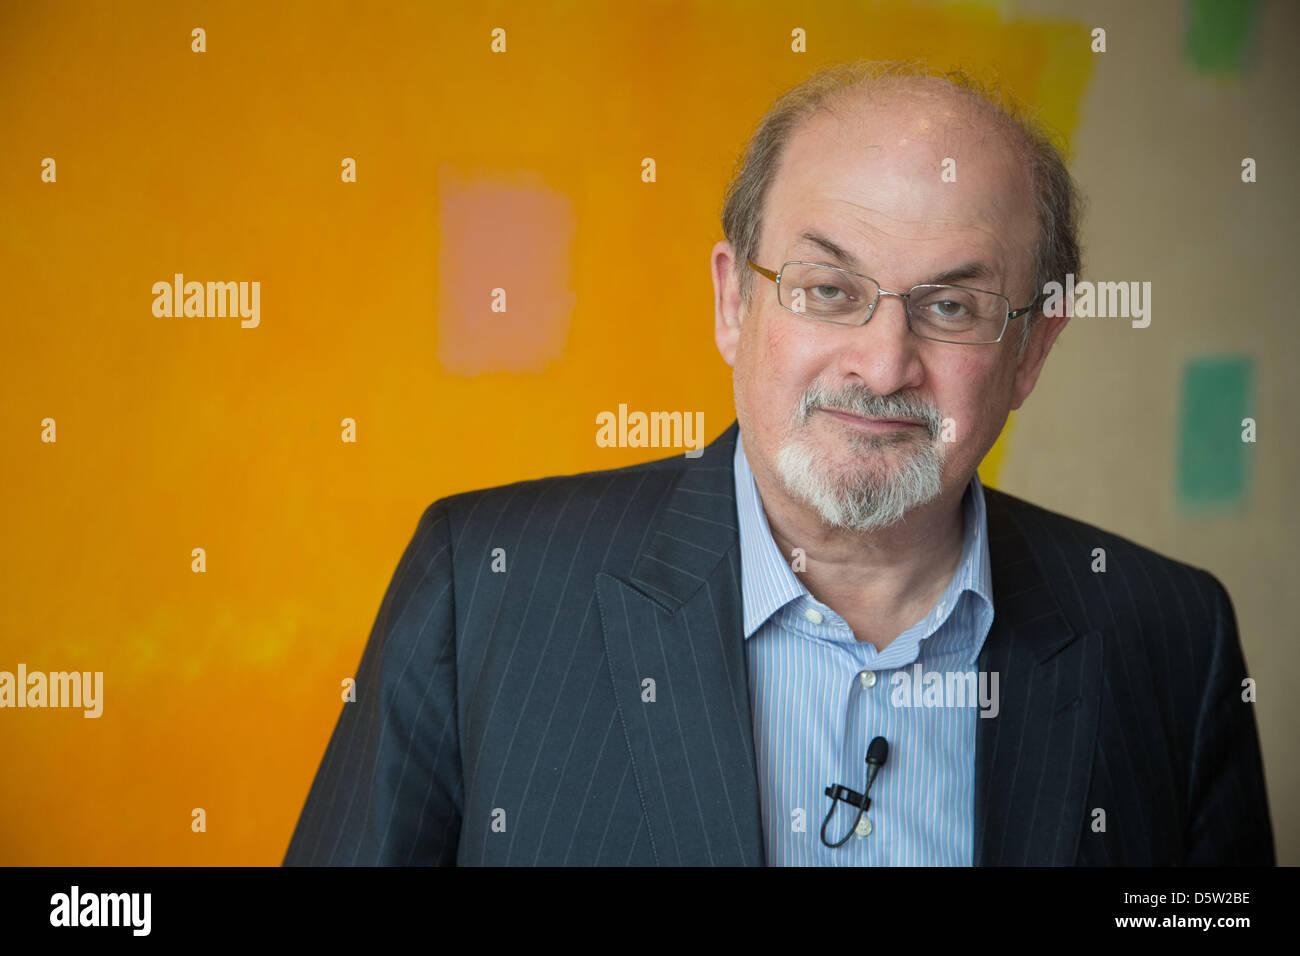 """Indian-British l'écrivain Salman Rushdie présente son autobiographie """"Joseph Anton' à Photo Stock"""